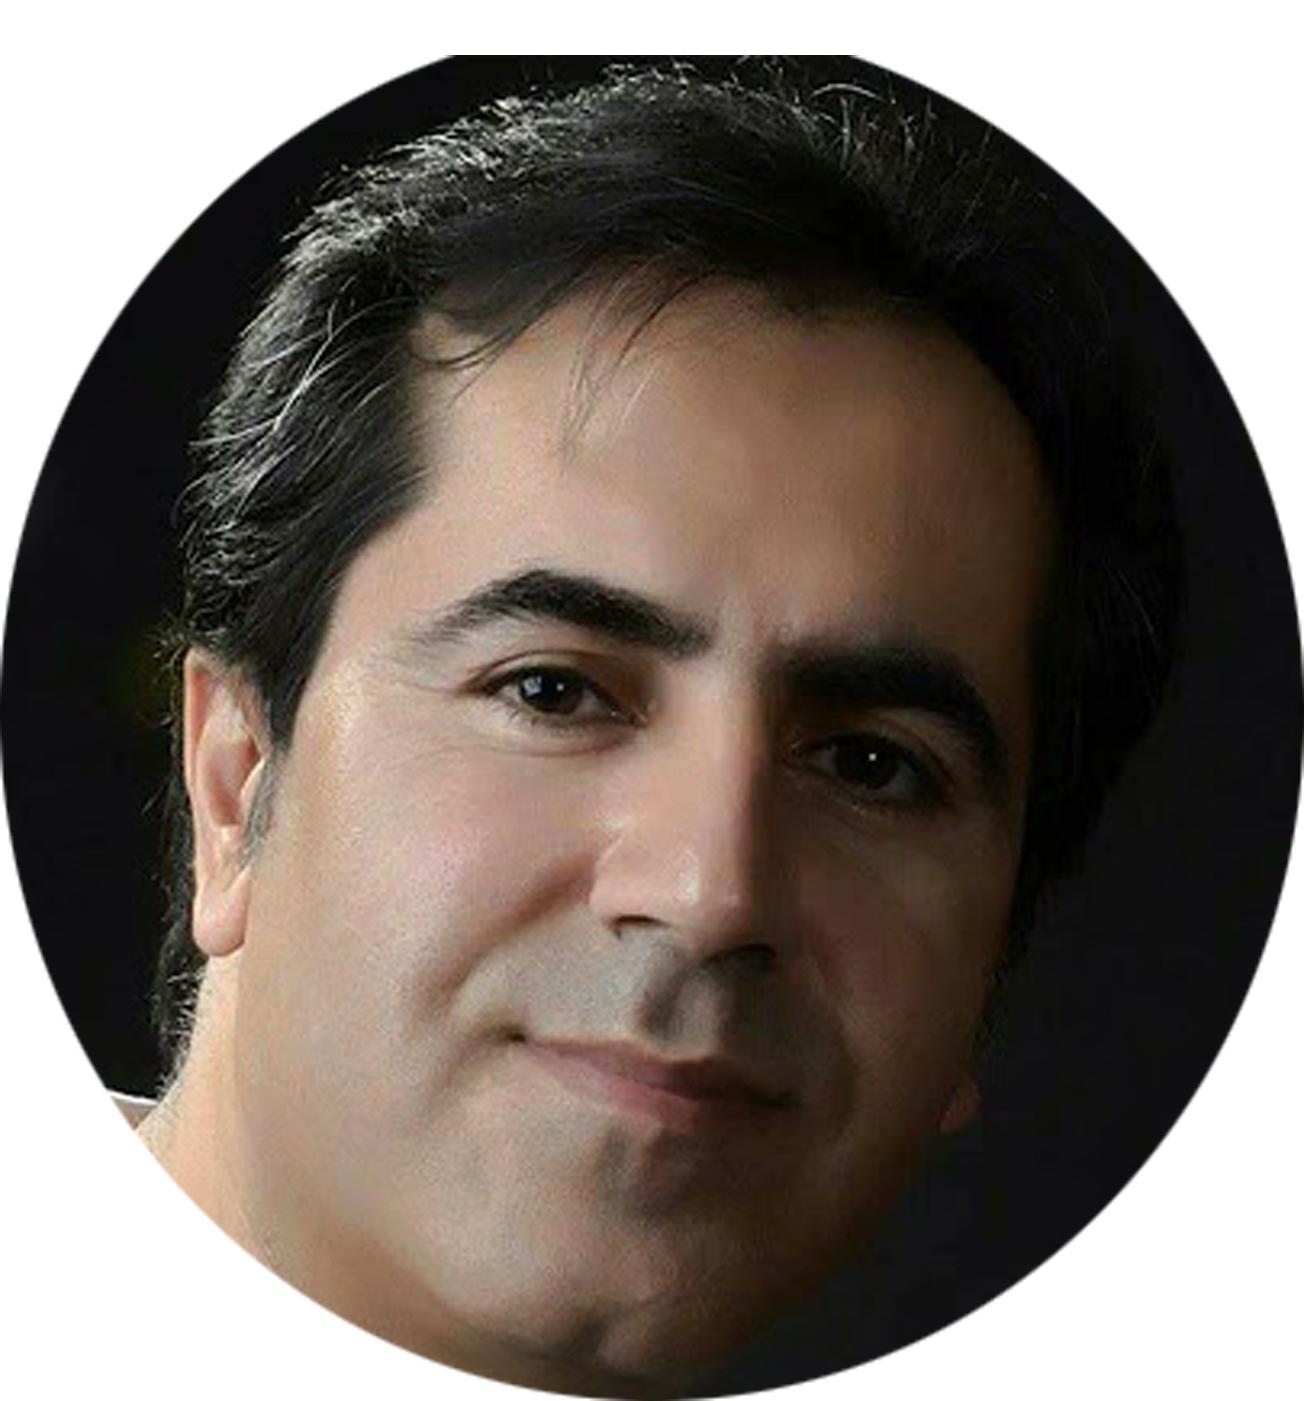 Khalil Molanaei